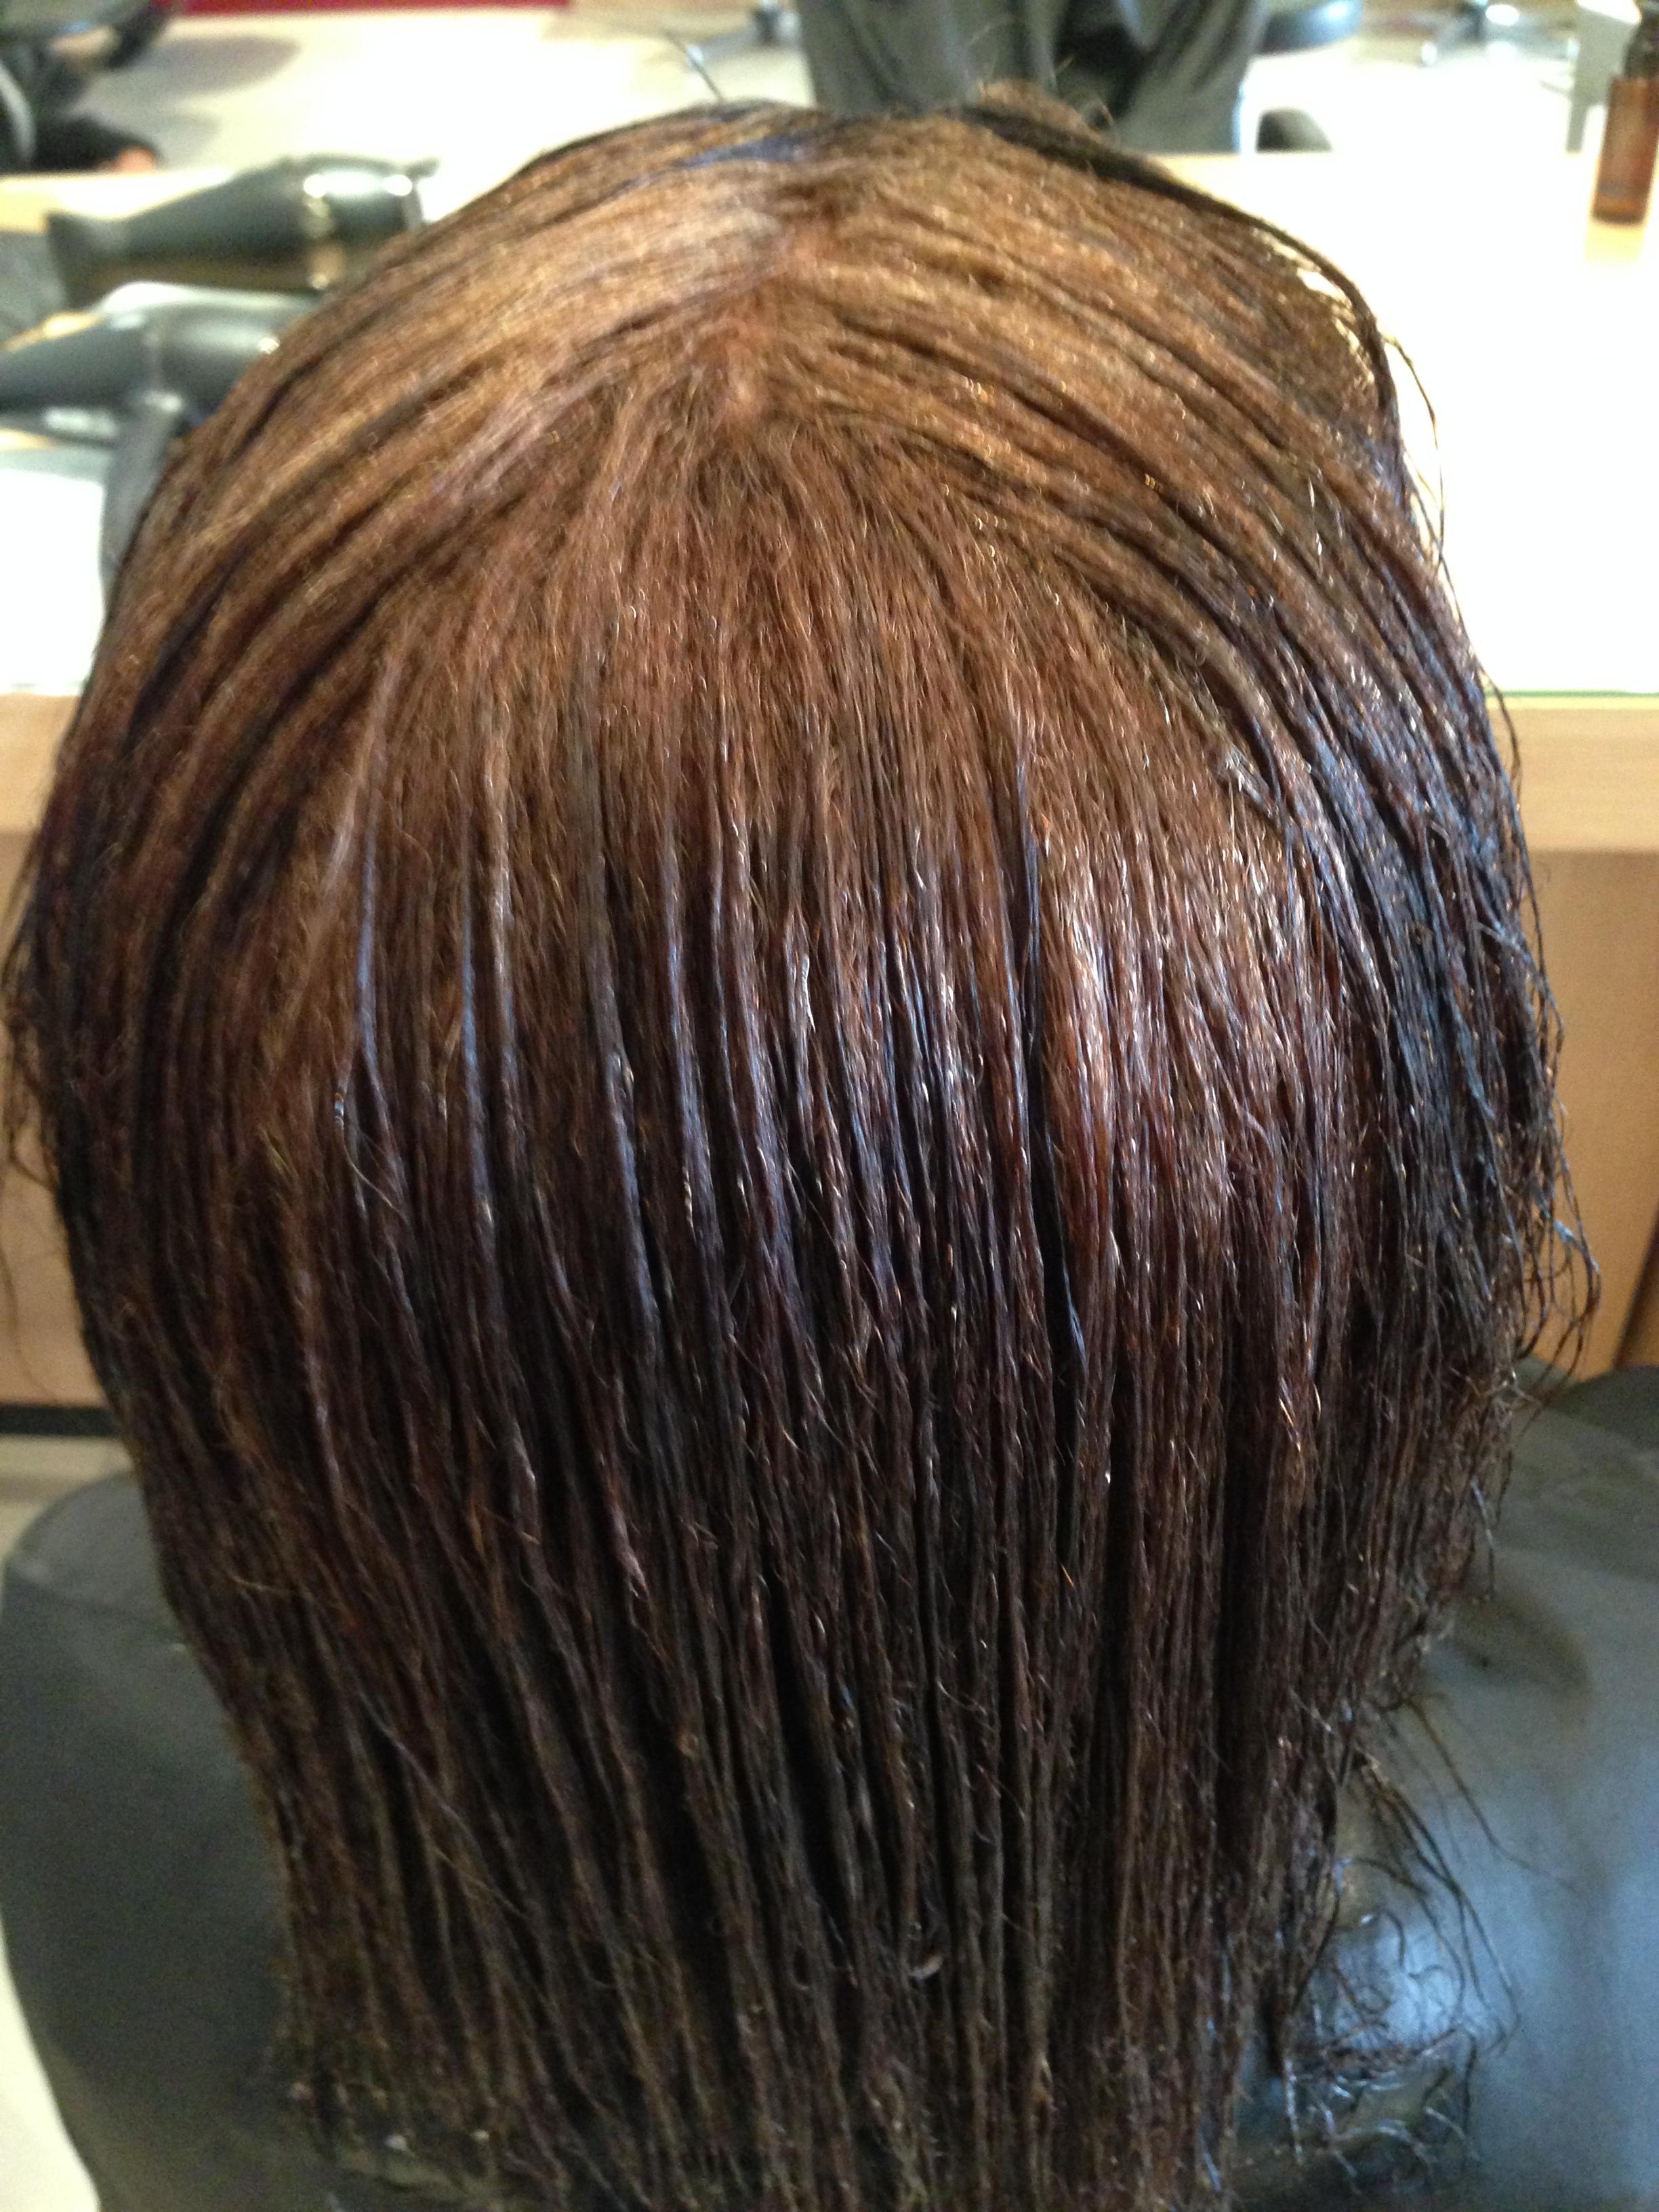 aprs le lissage les cheveux sont parfaitement raides ils seront schs naturellement avant le lissage brsilien - Coloration Apres Lissage Brsilien